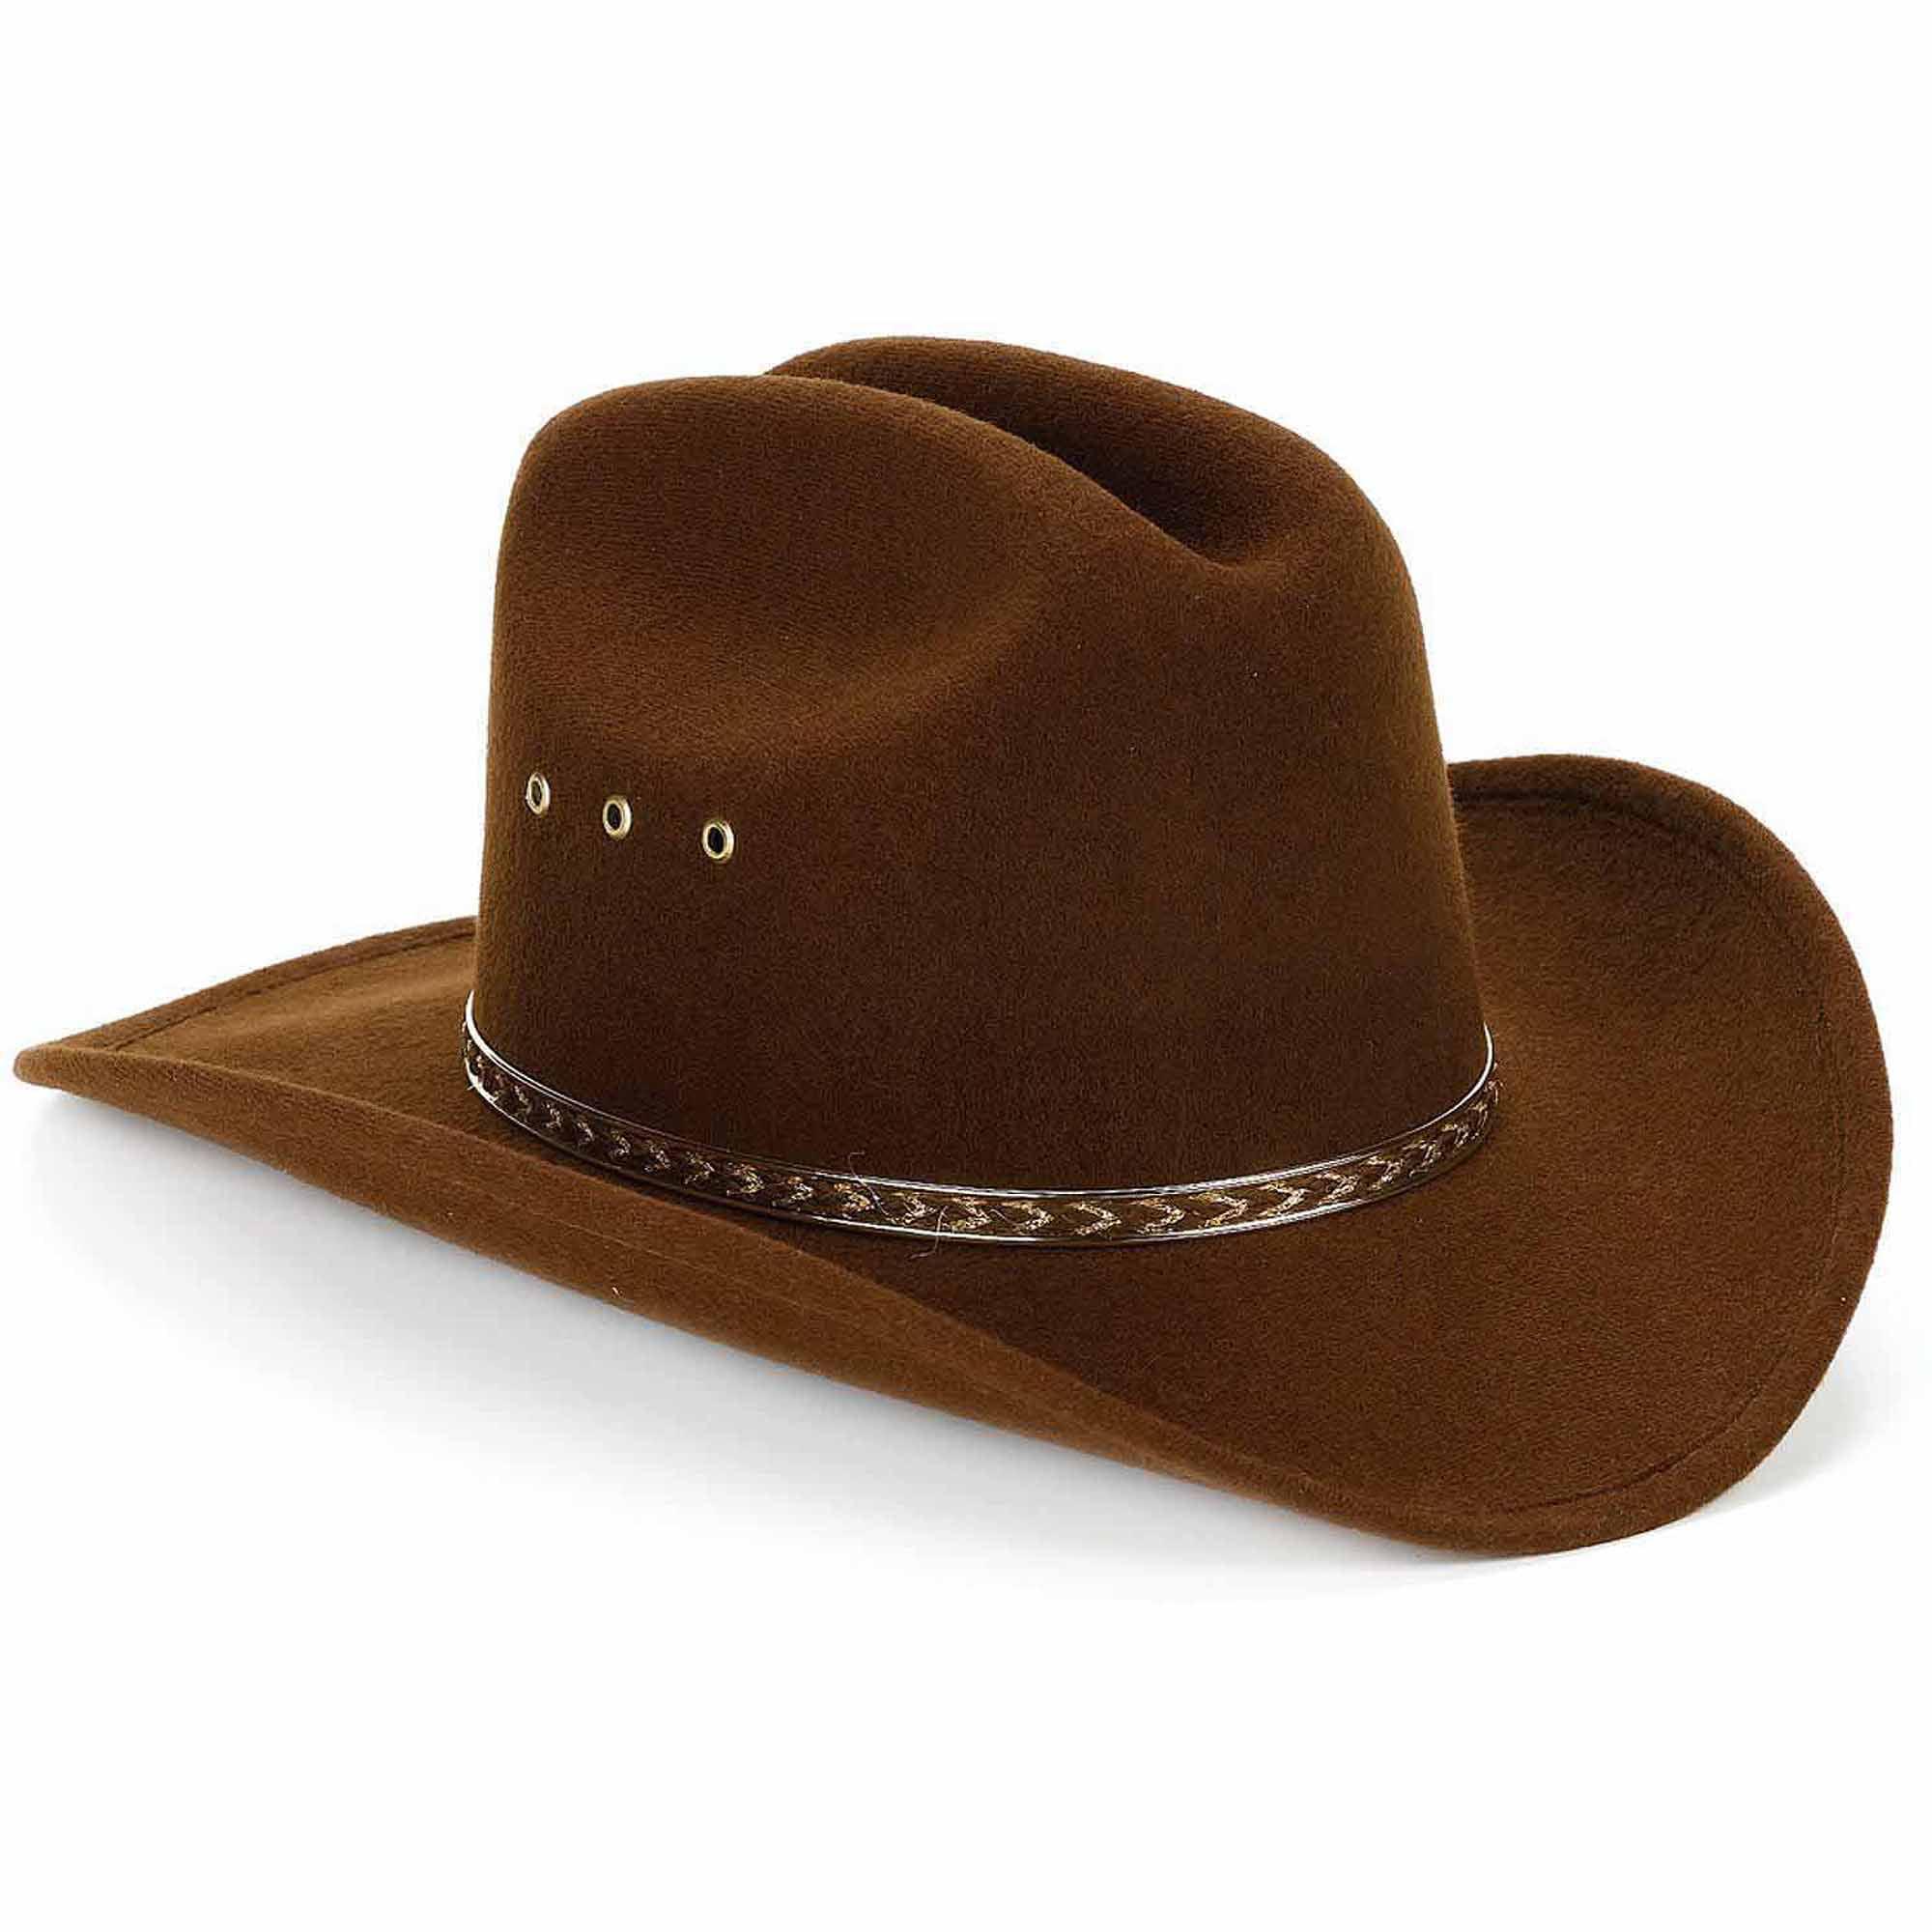 c3a9c43454f Men s Cowboy Hats